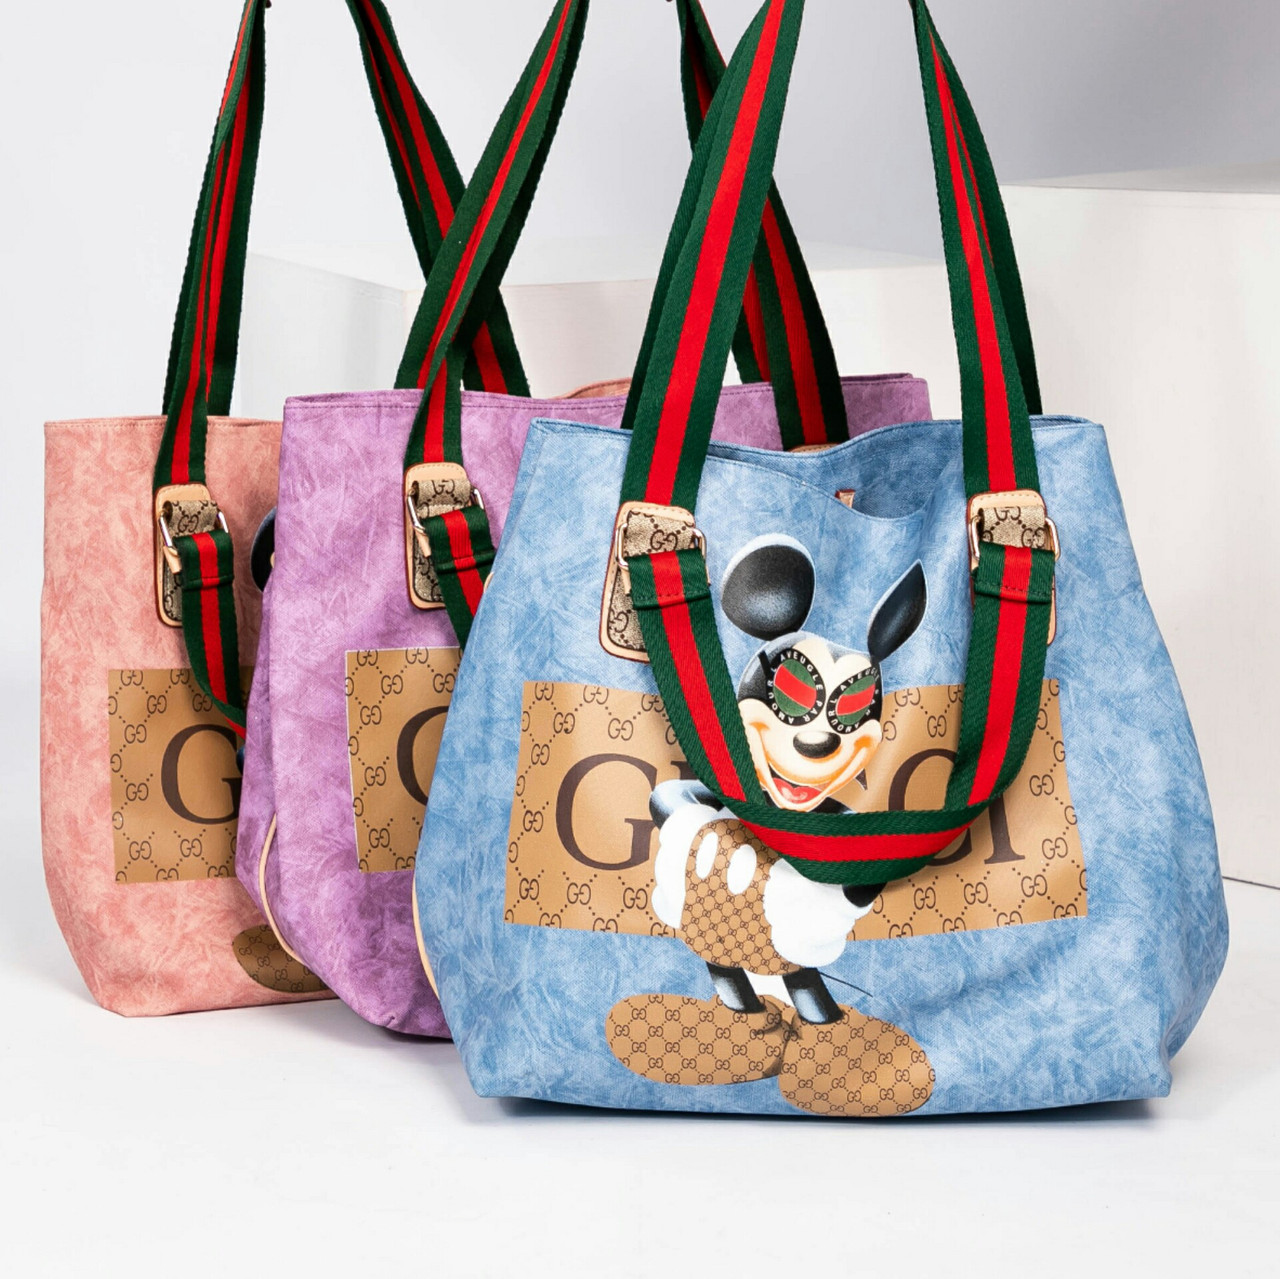 1ec0f02154d5 Вместительная сумка- шоппер с принтом, цена 885 грн., купить  Днепродзержинск — Prom.ua (ID#898078469)